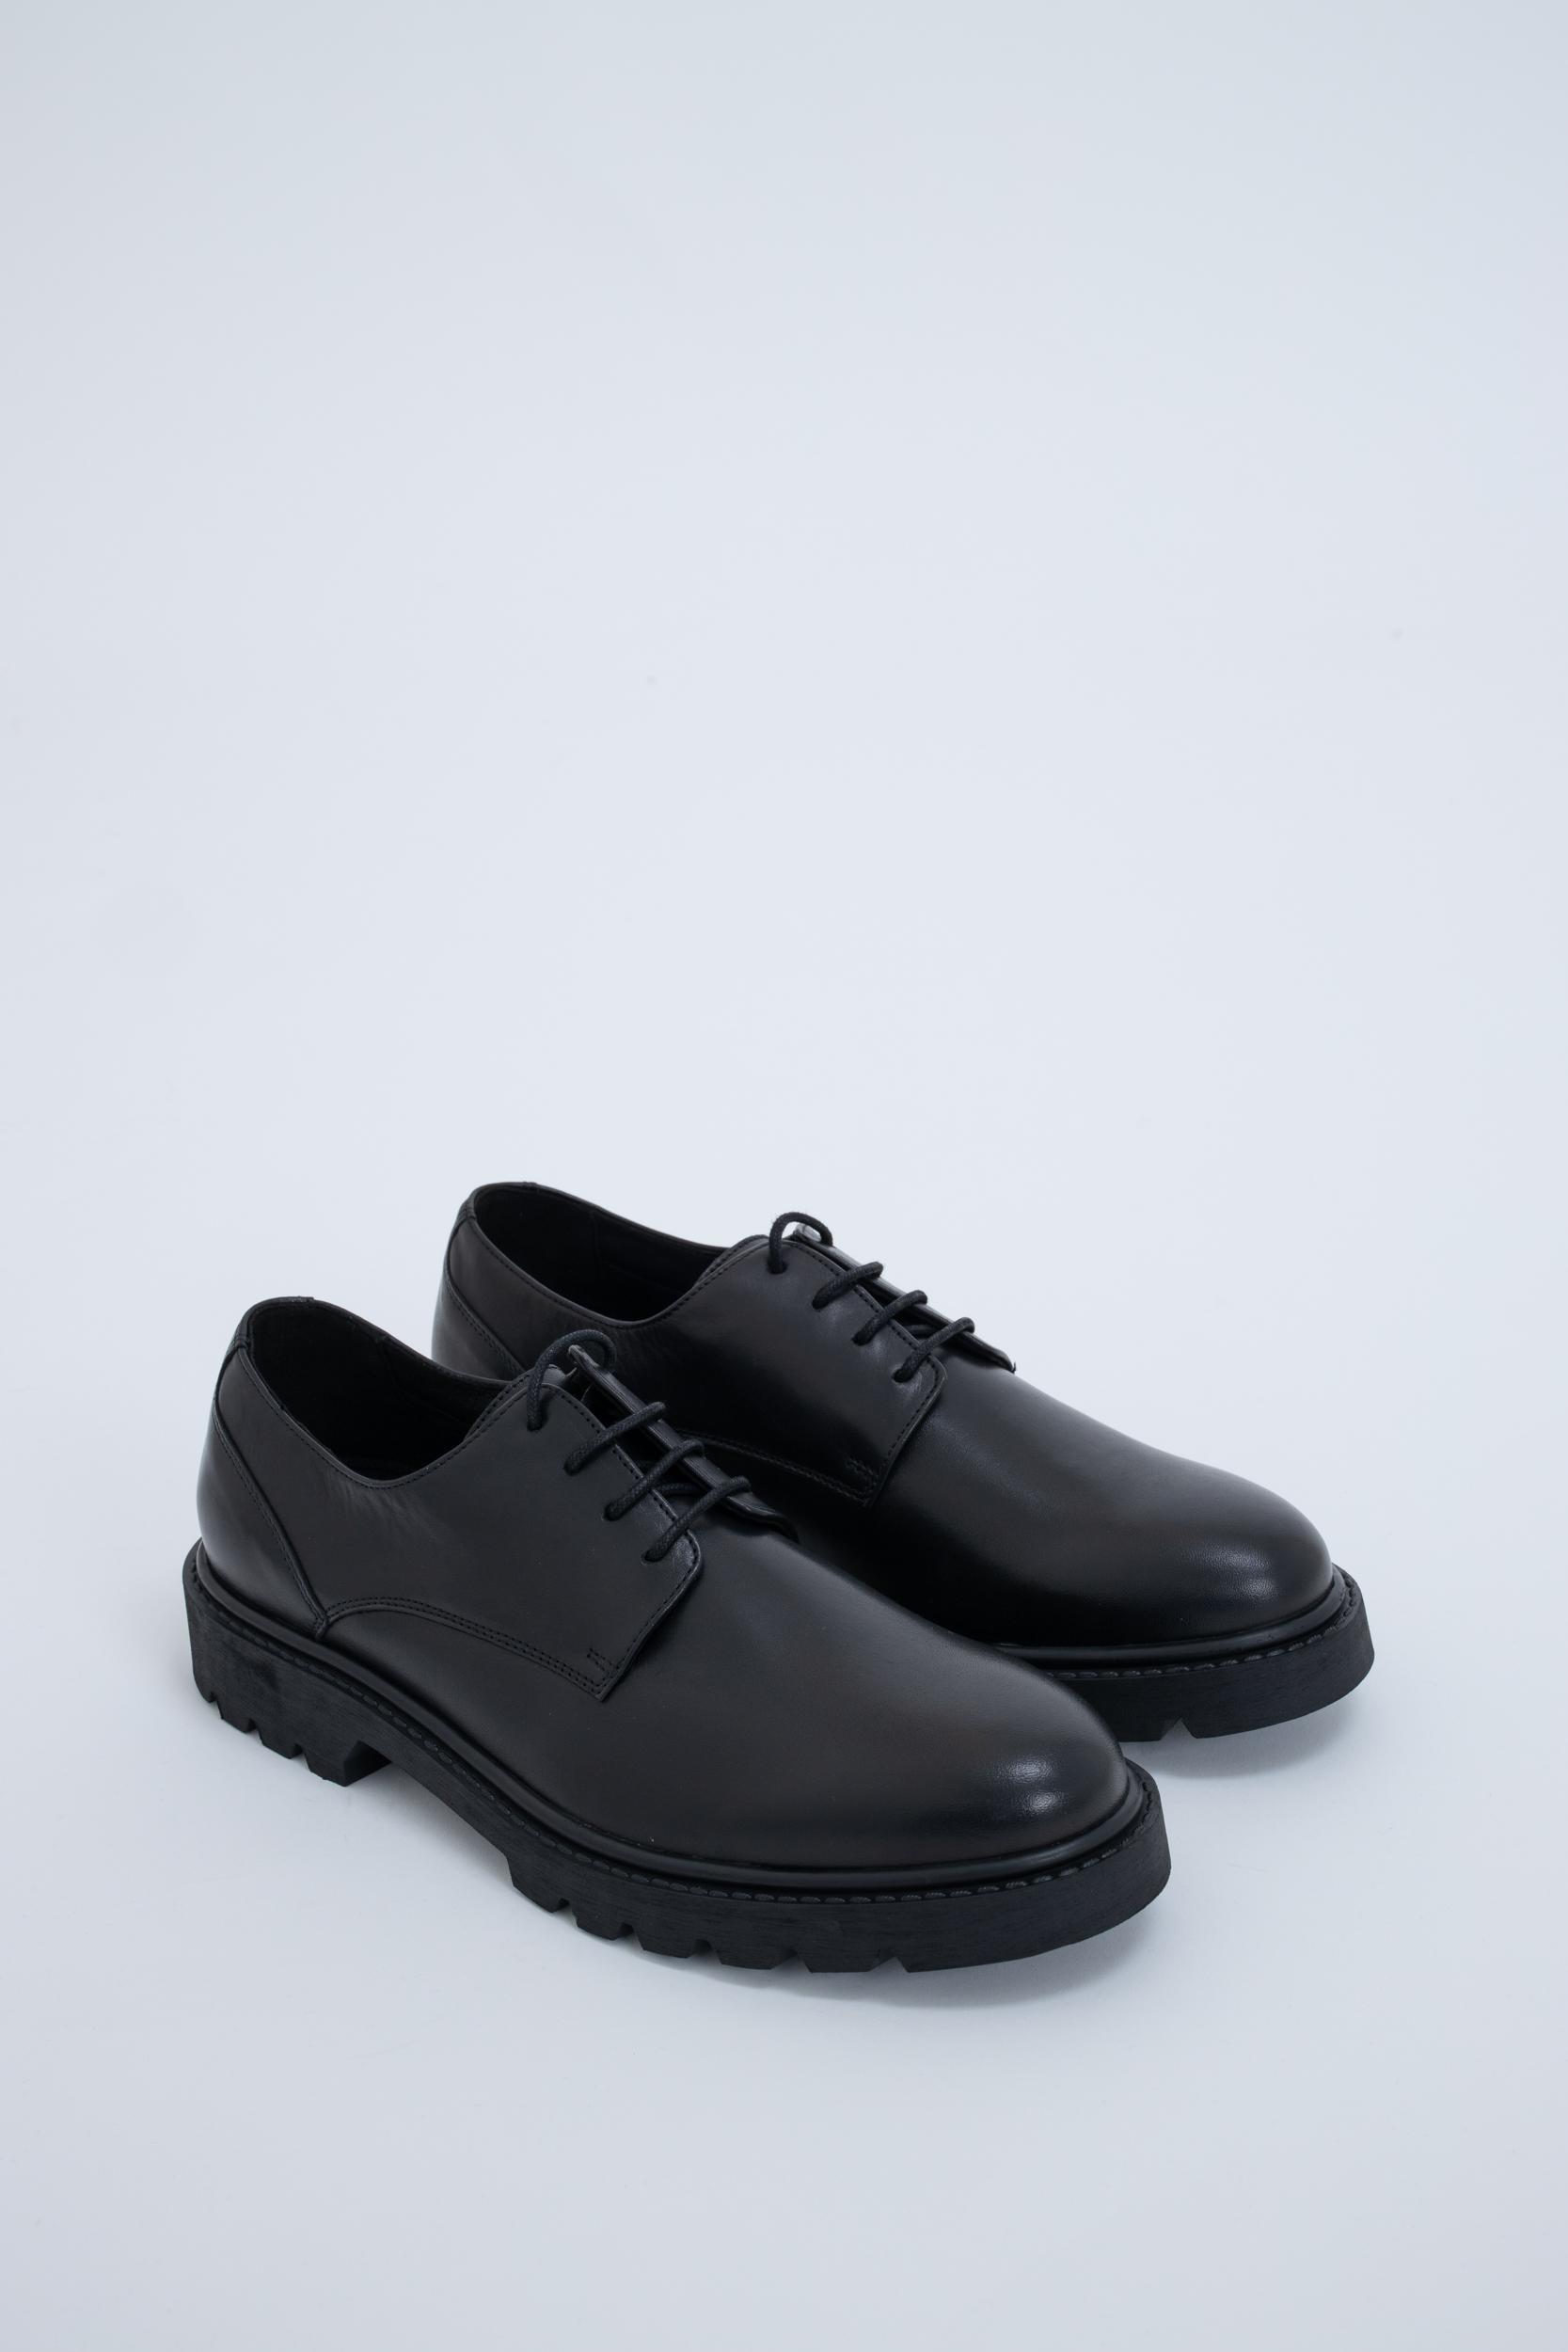 Schuhe Derby Schnürer